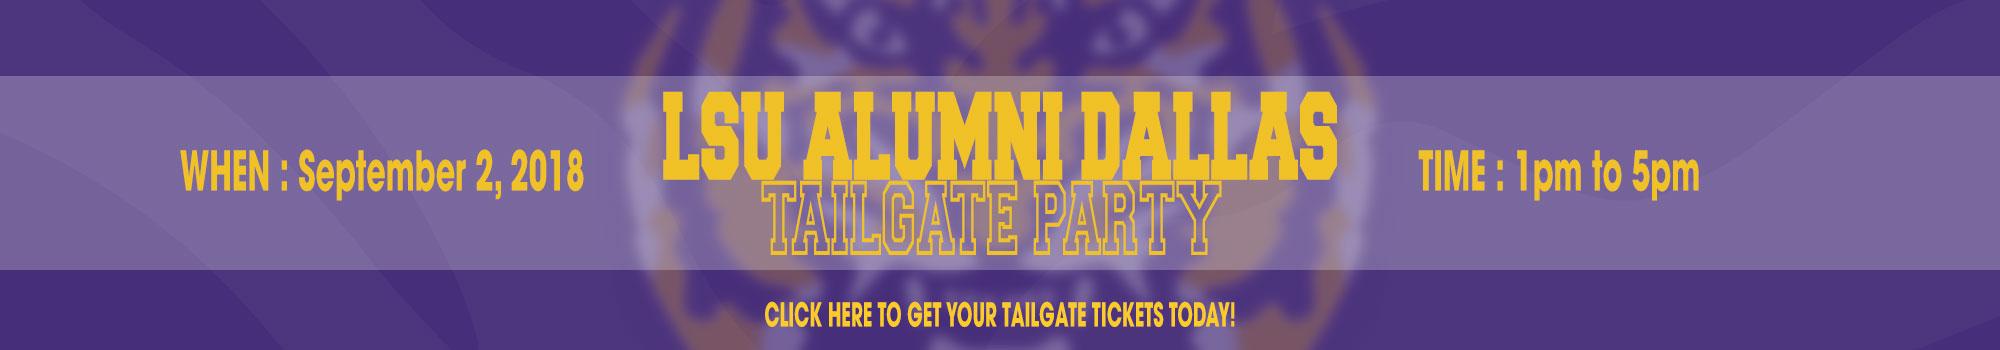 LSU vs Miami - Advocare Classic - LSU Tailgate - LSU Alumni Dallas Chapter